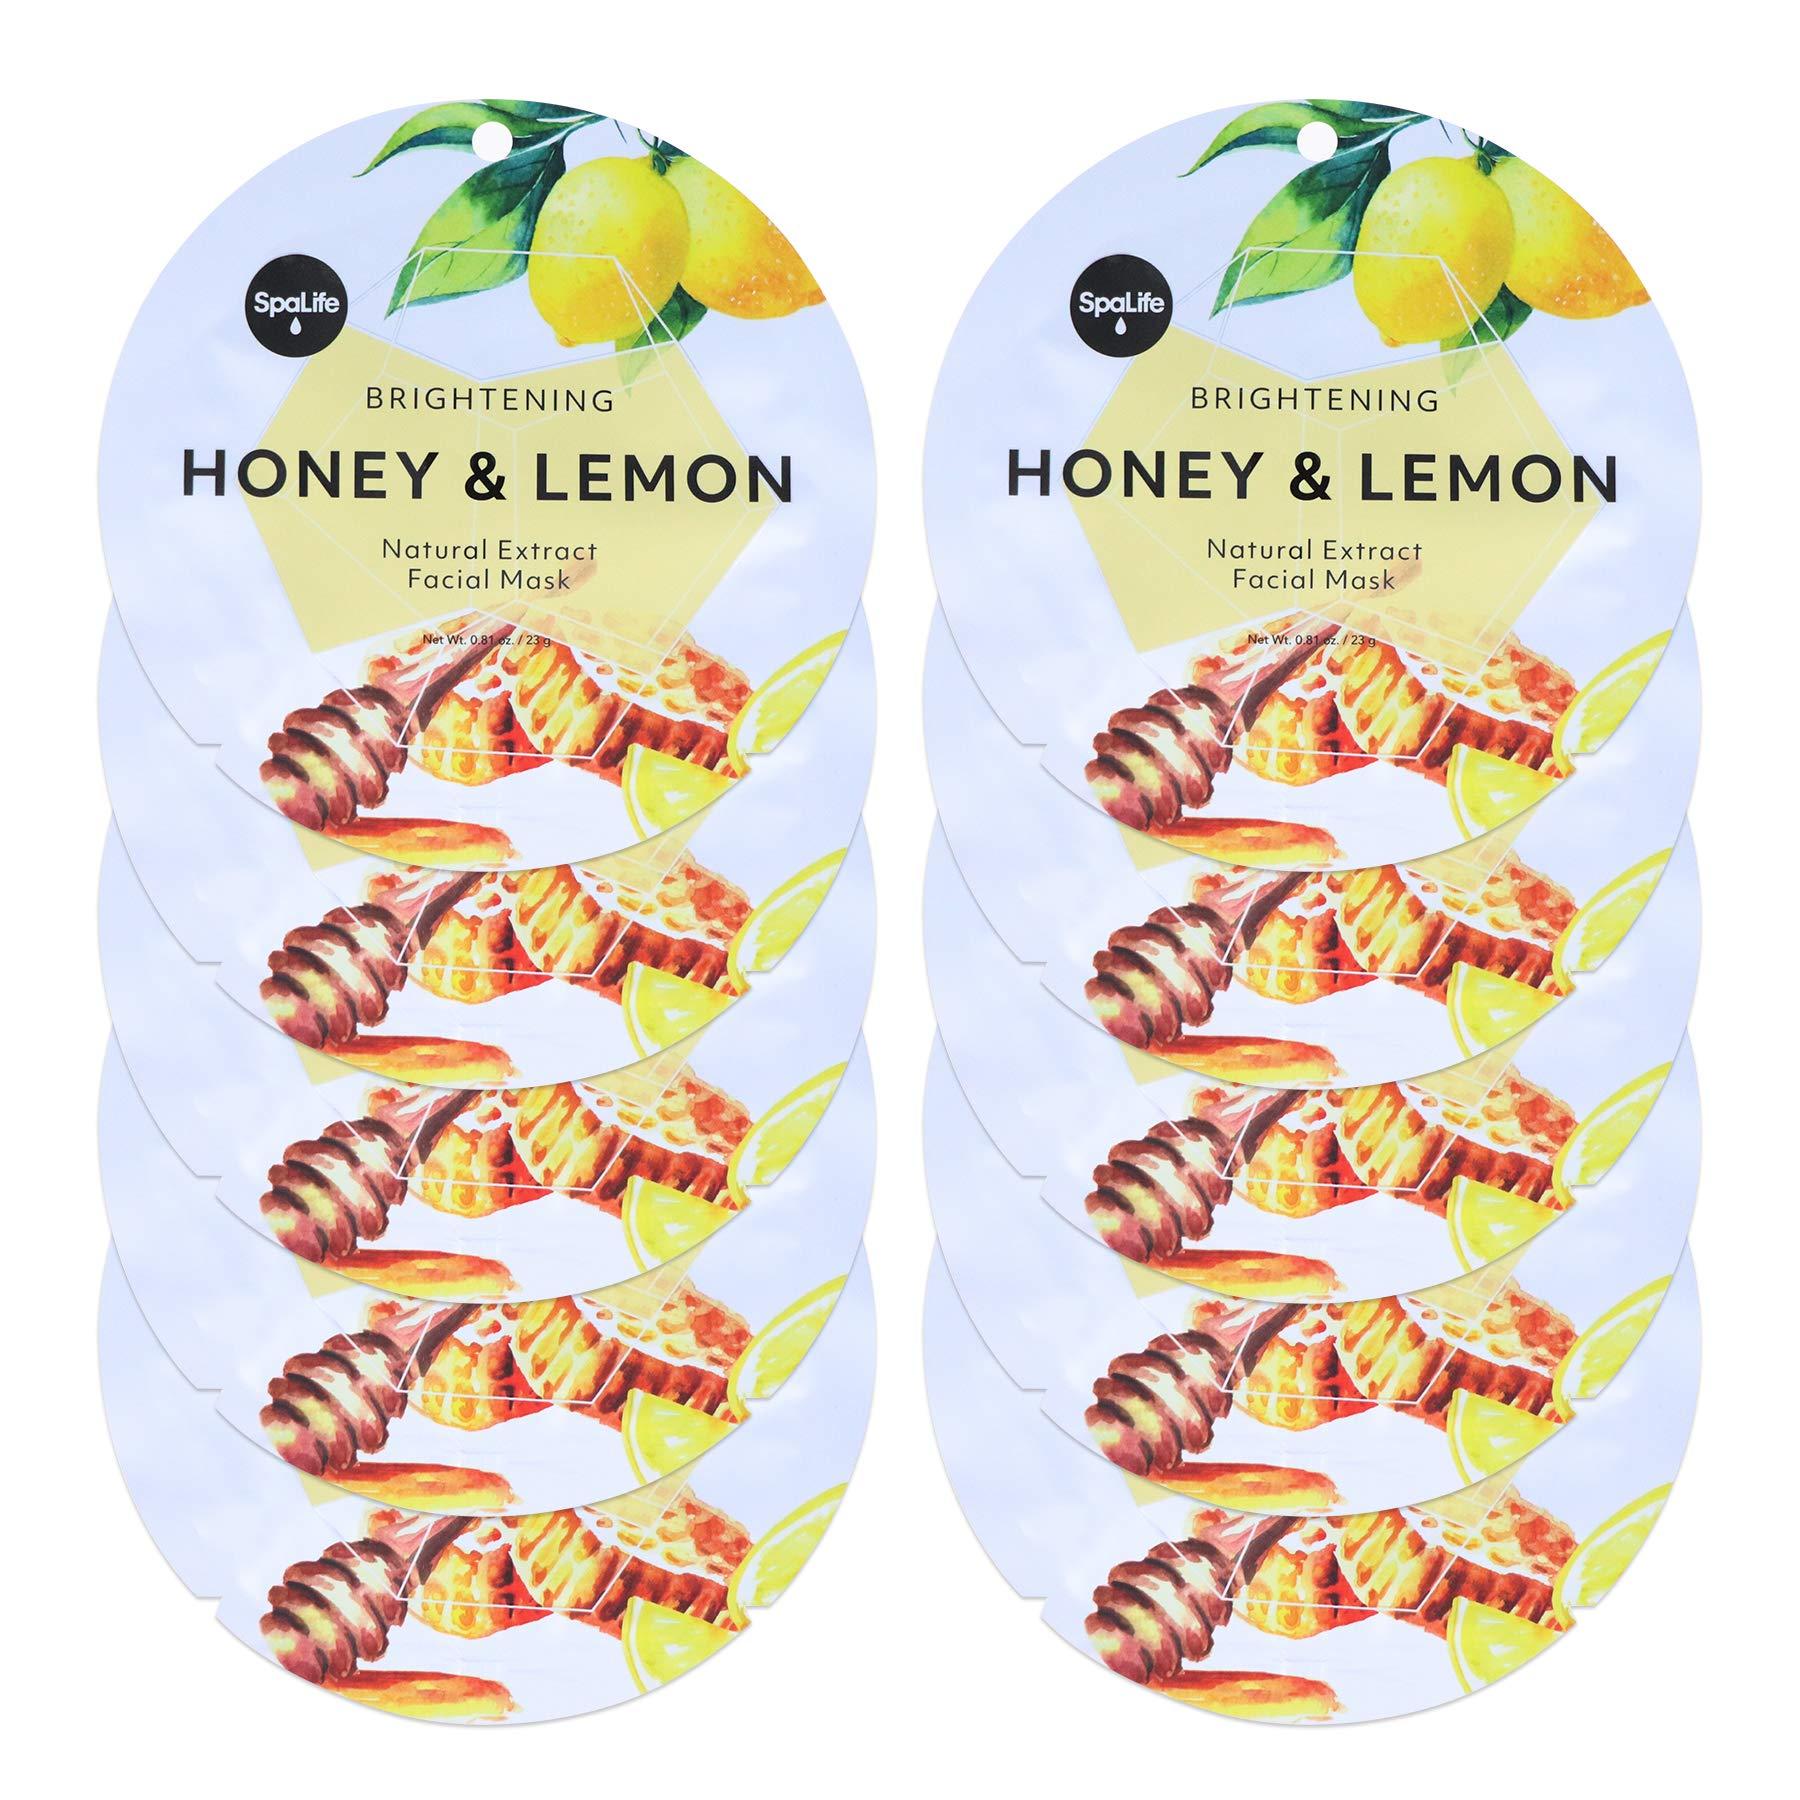 Spa Life Circle Honey and Lemon Brightening Natural Extract Facial Mask 10 pack